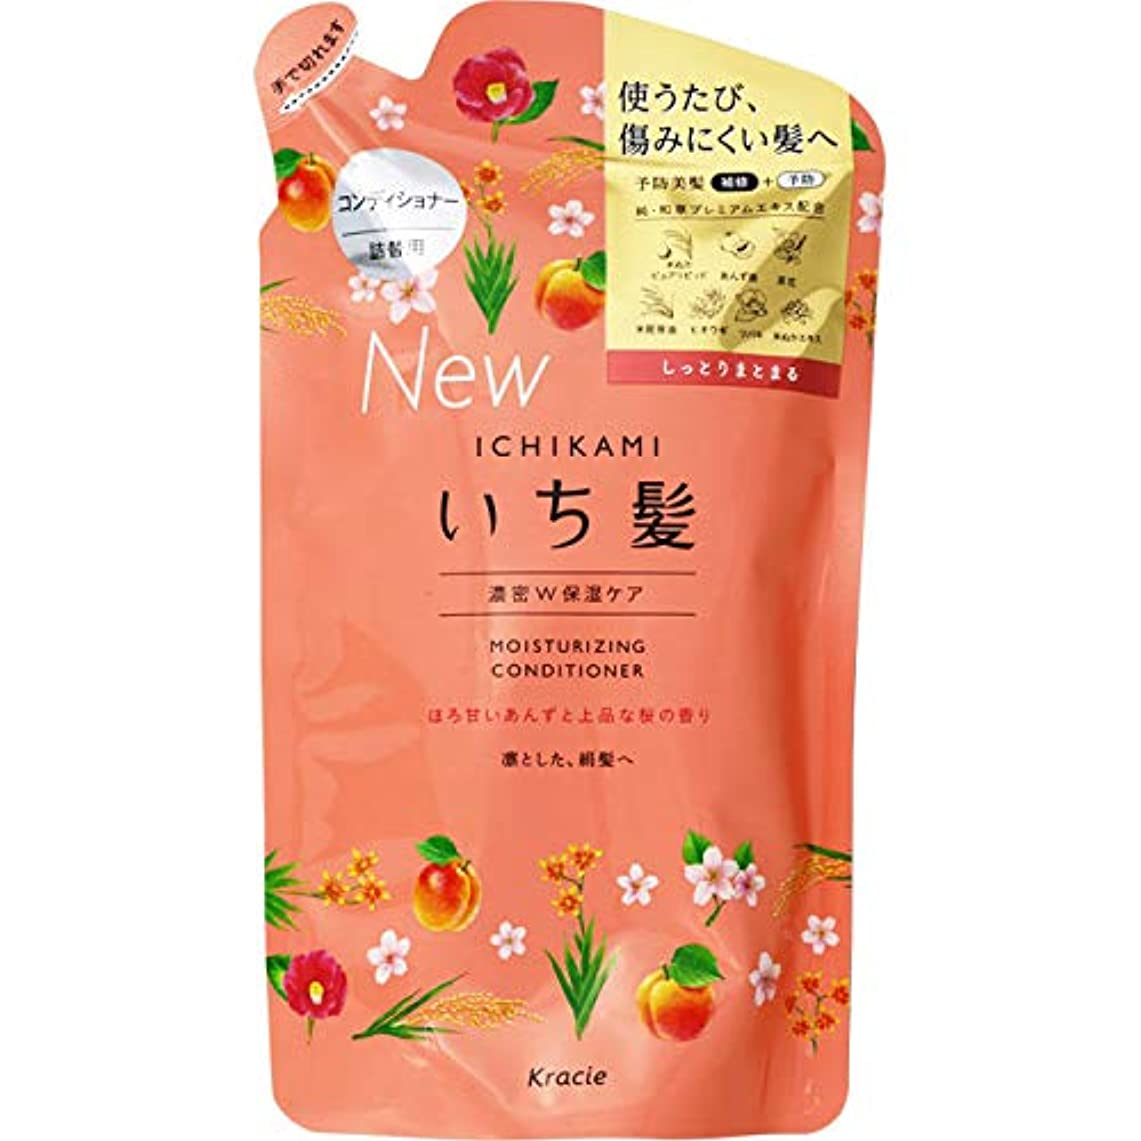 肥料タブレットカメクラシエ いち髪 濃密W保湿ケア コンディショナー 詰替用 340g